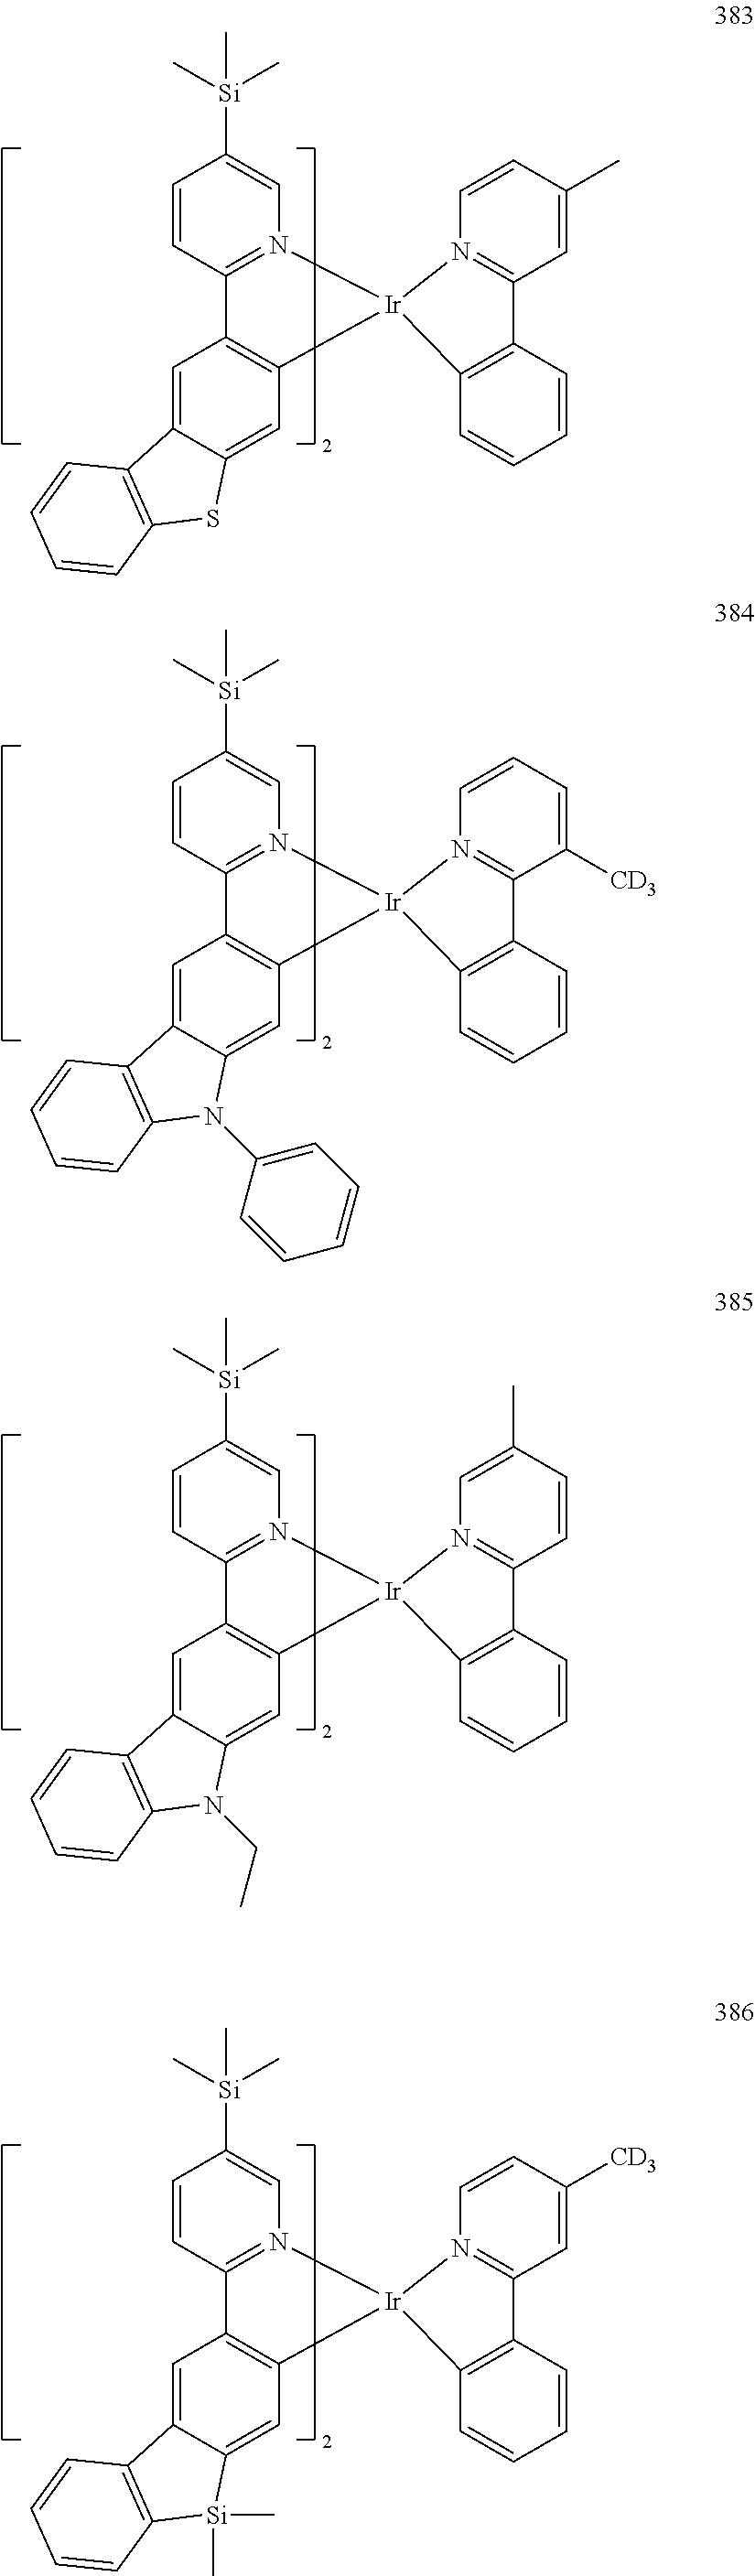 Figure US20160155962A1-20160602-C00435